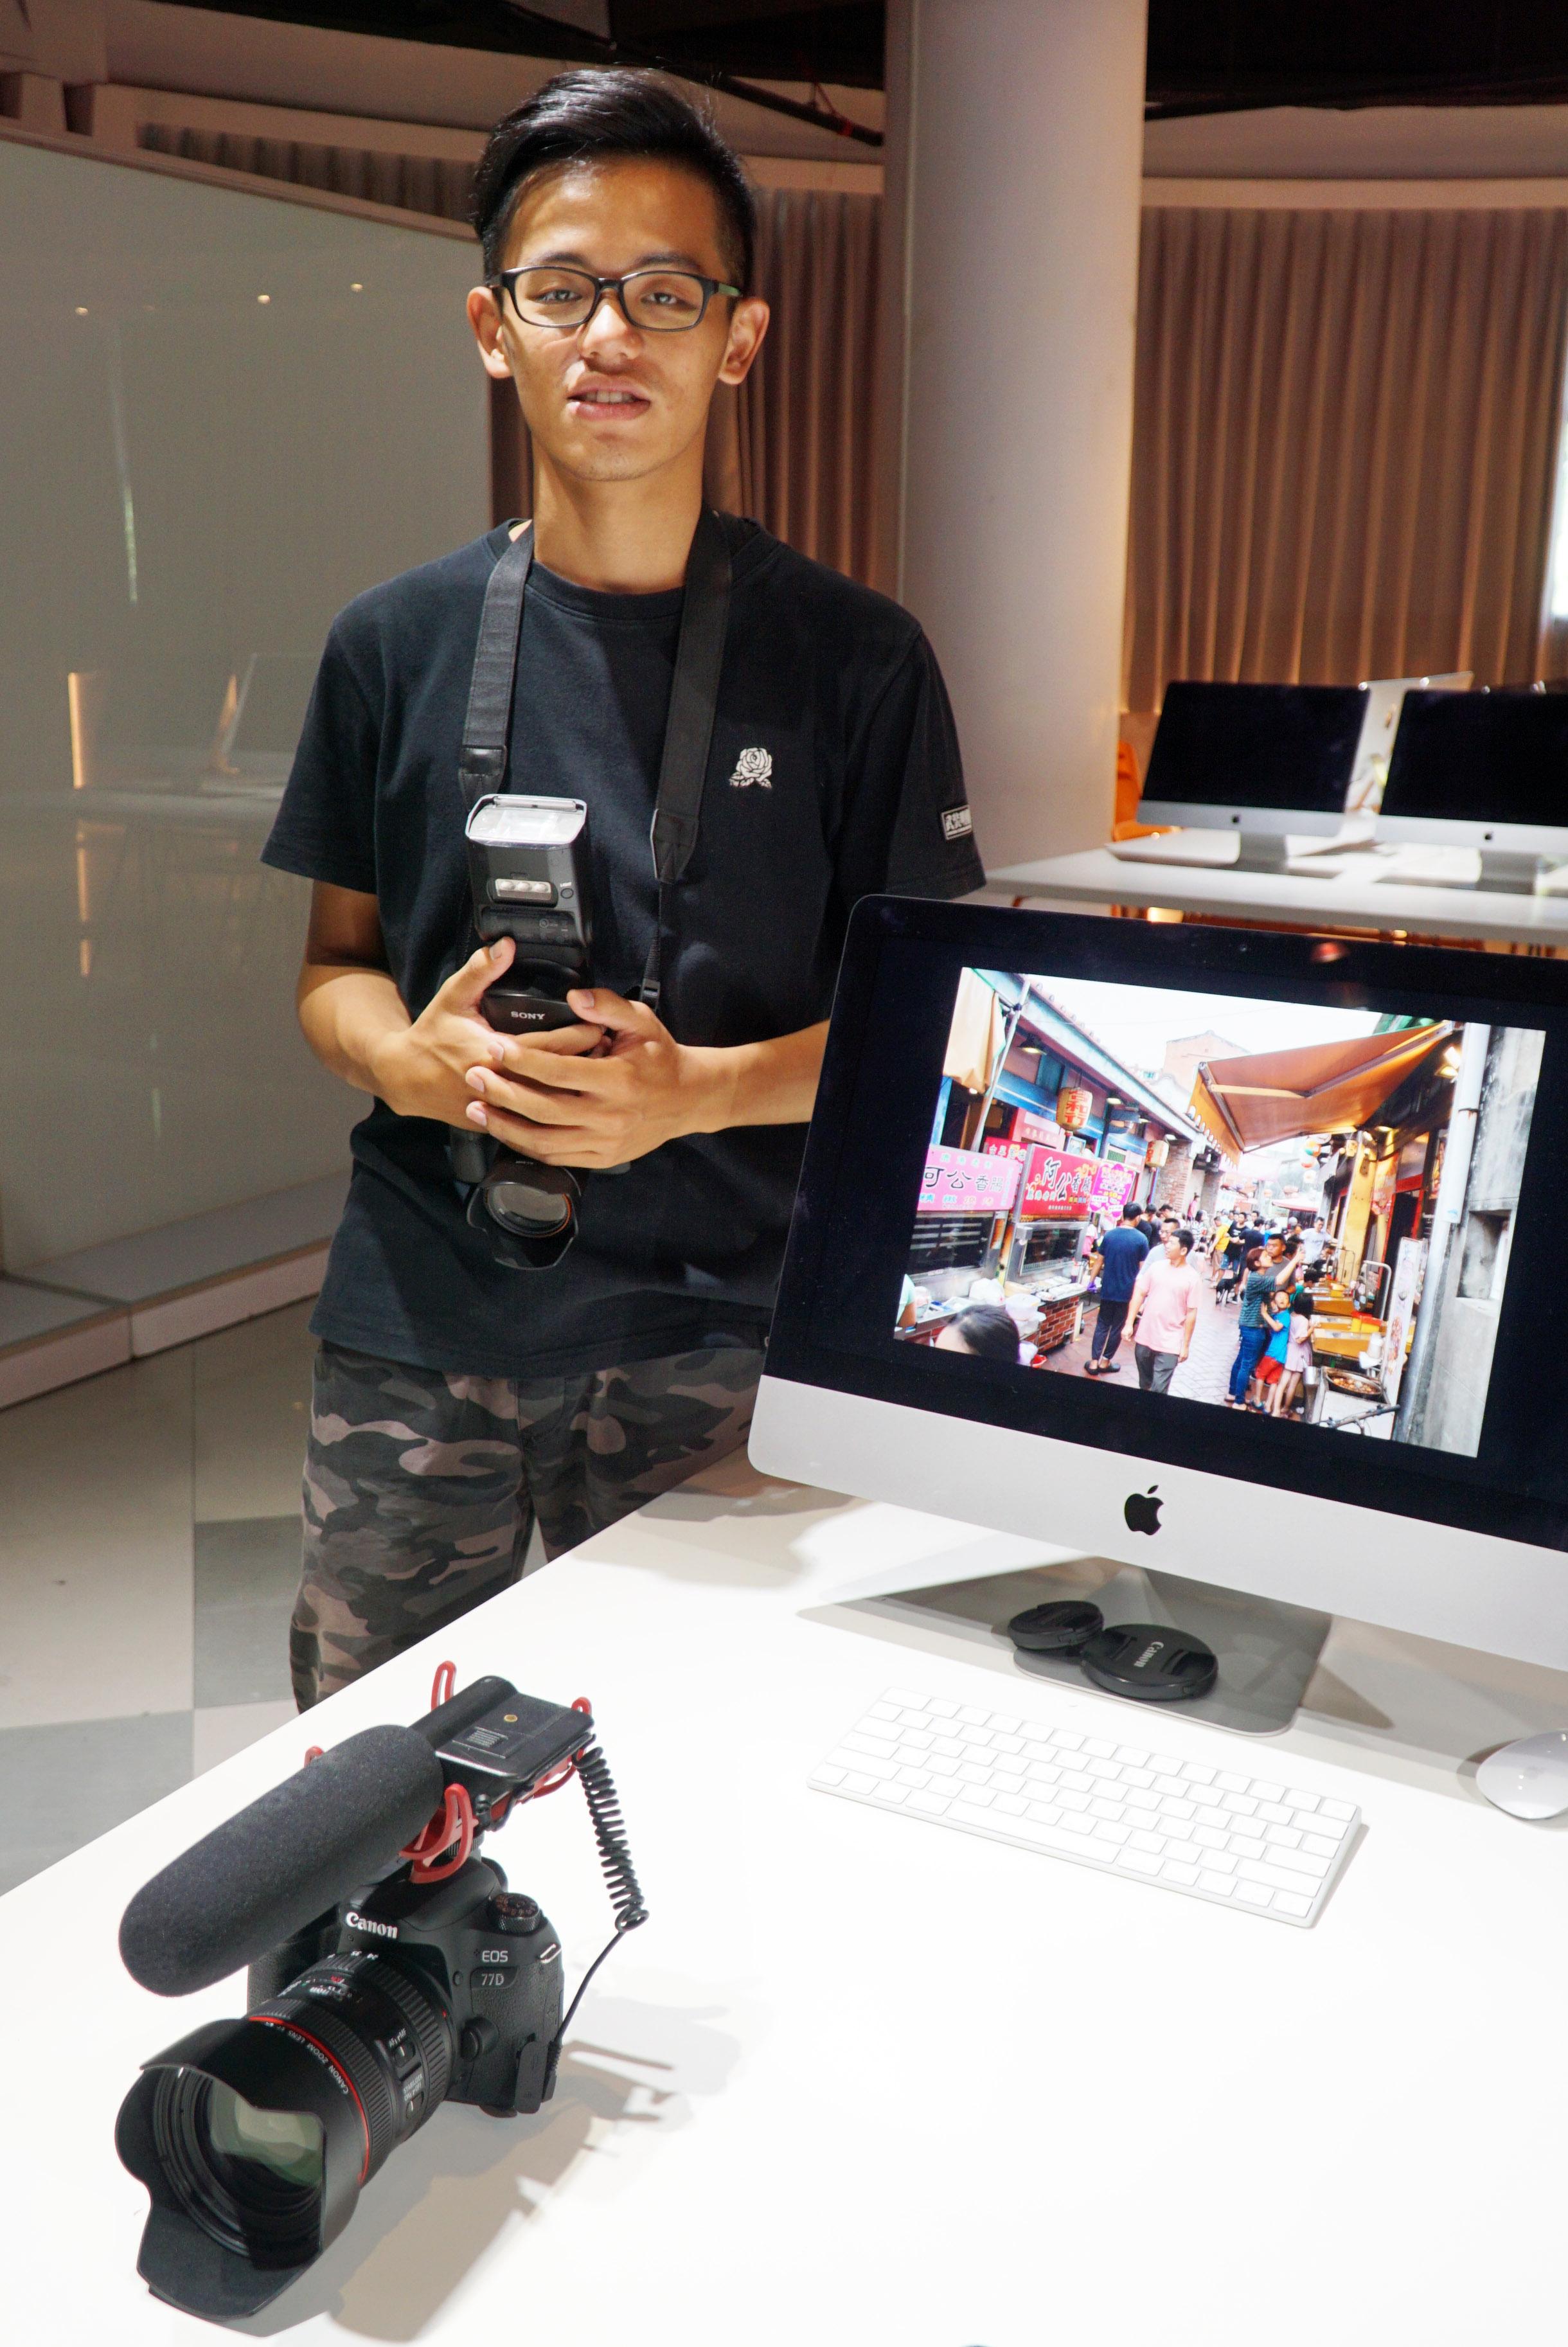 觀光產業數位轉型 大葉大學觀光系數位媒體設計行銷課程  助學生打造就業力-大葉大學觀光旅遊學系